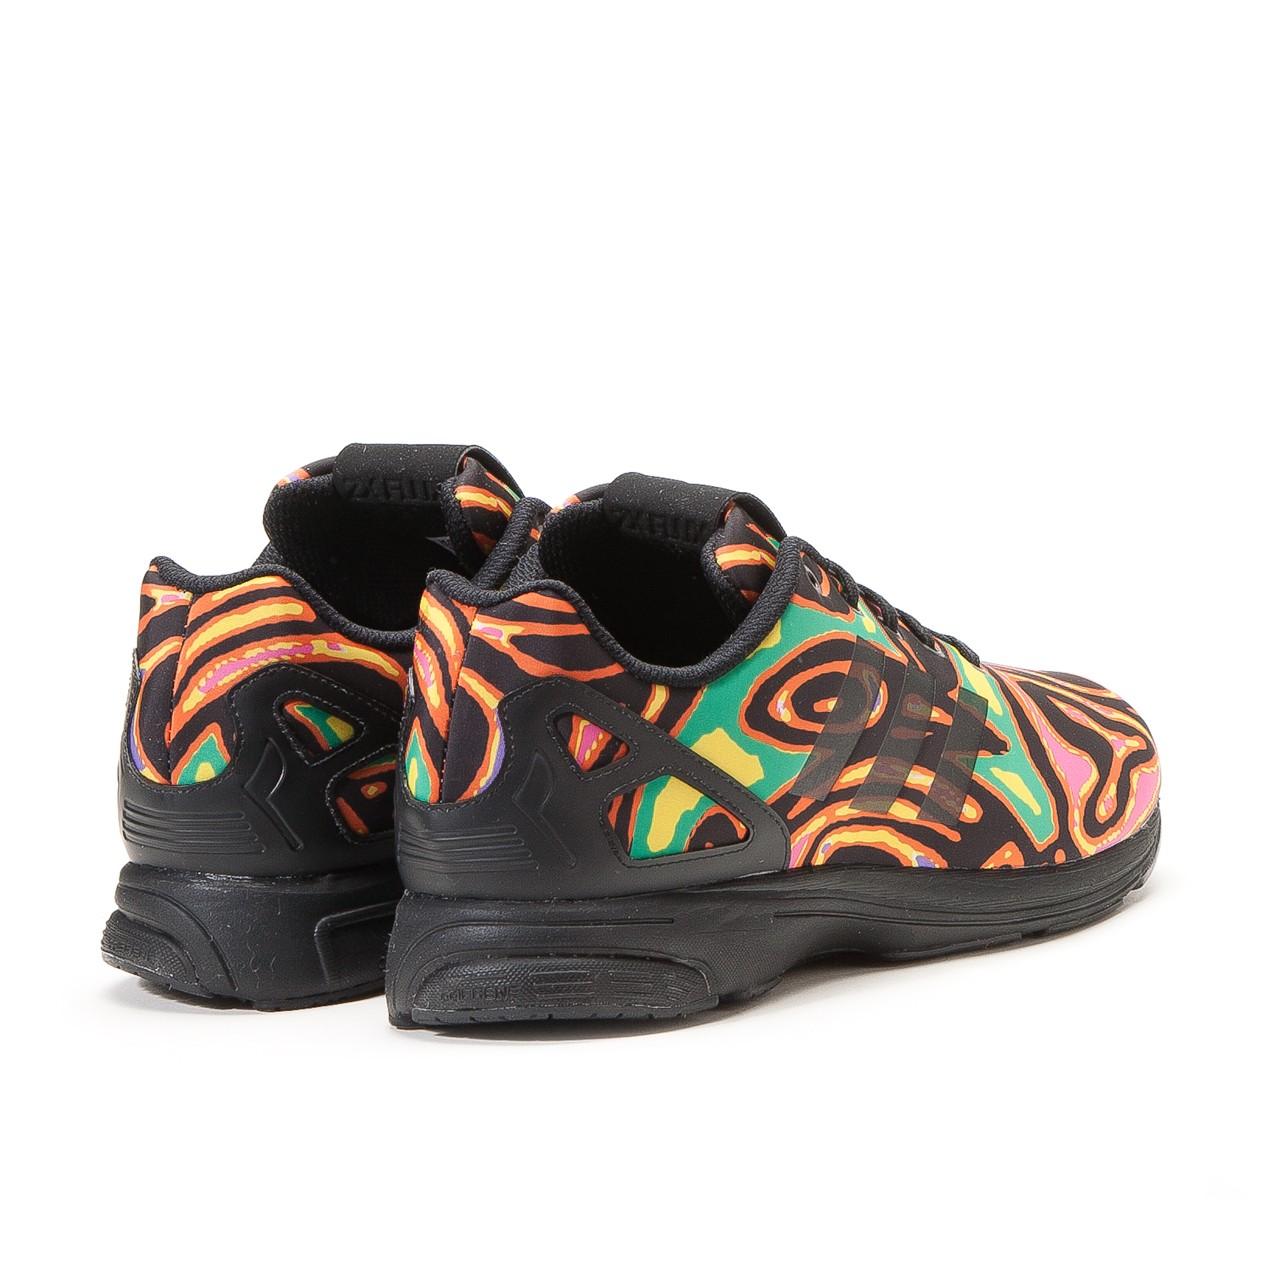 Adidas Zx Flux Jeremy Scott